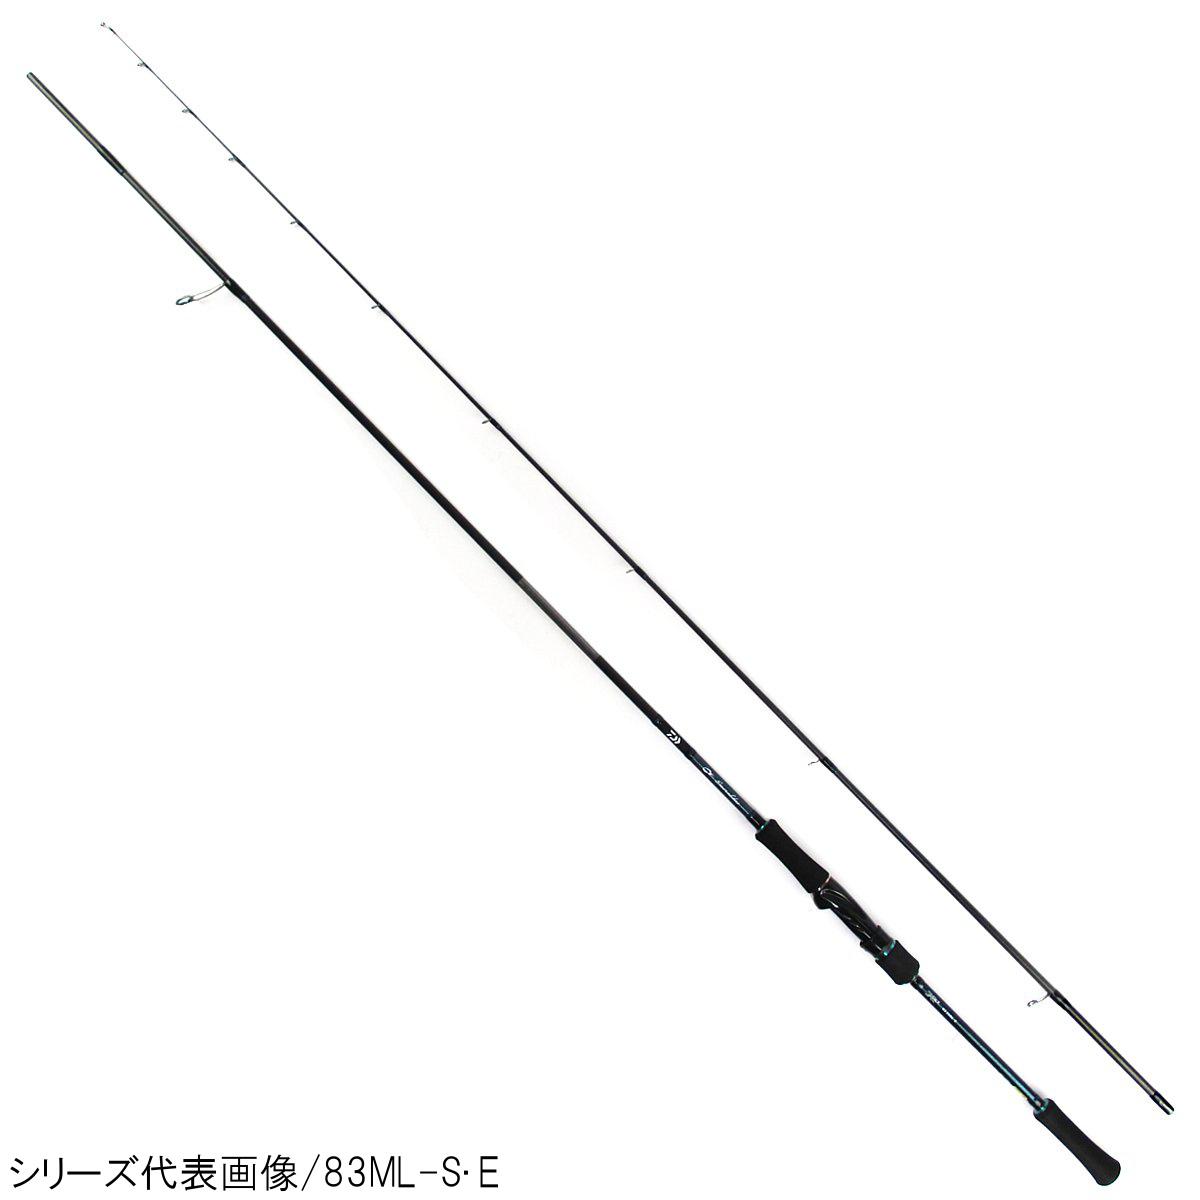 ダイワ エメラルダス MX(アウトガイドモデル) 86M-S・E(東日本店)